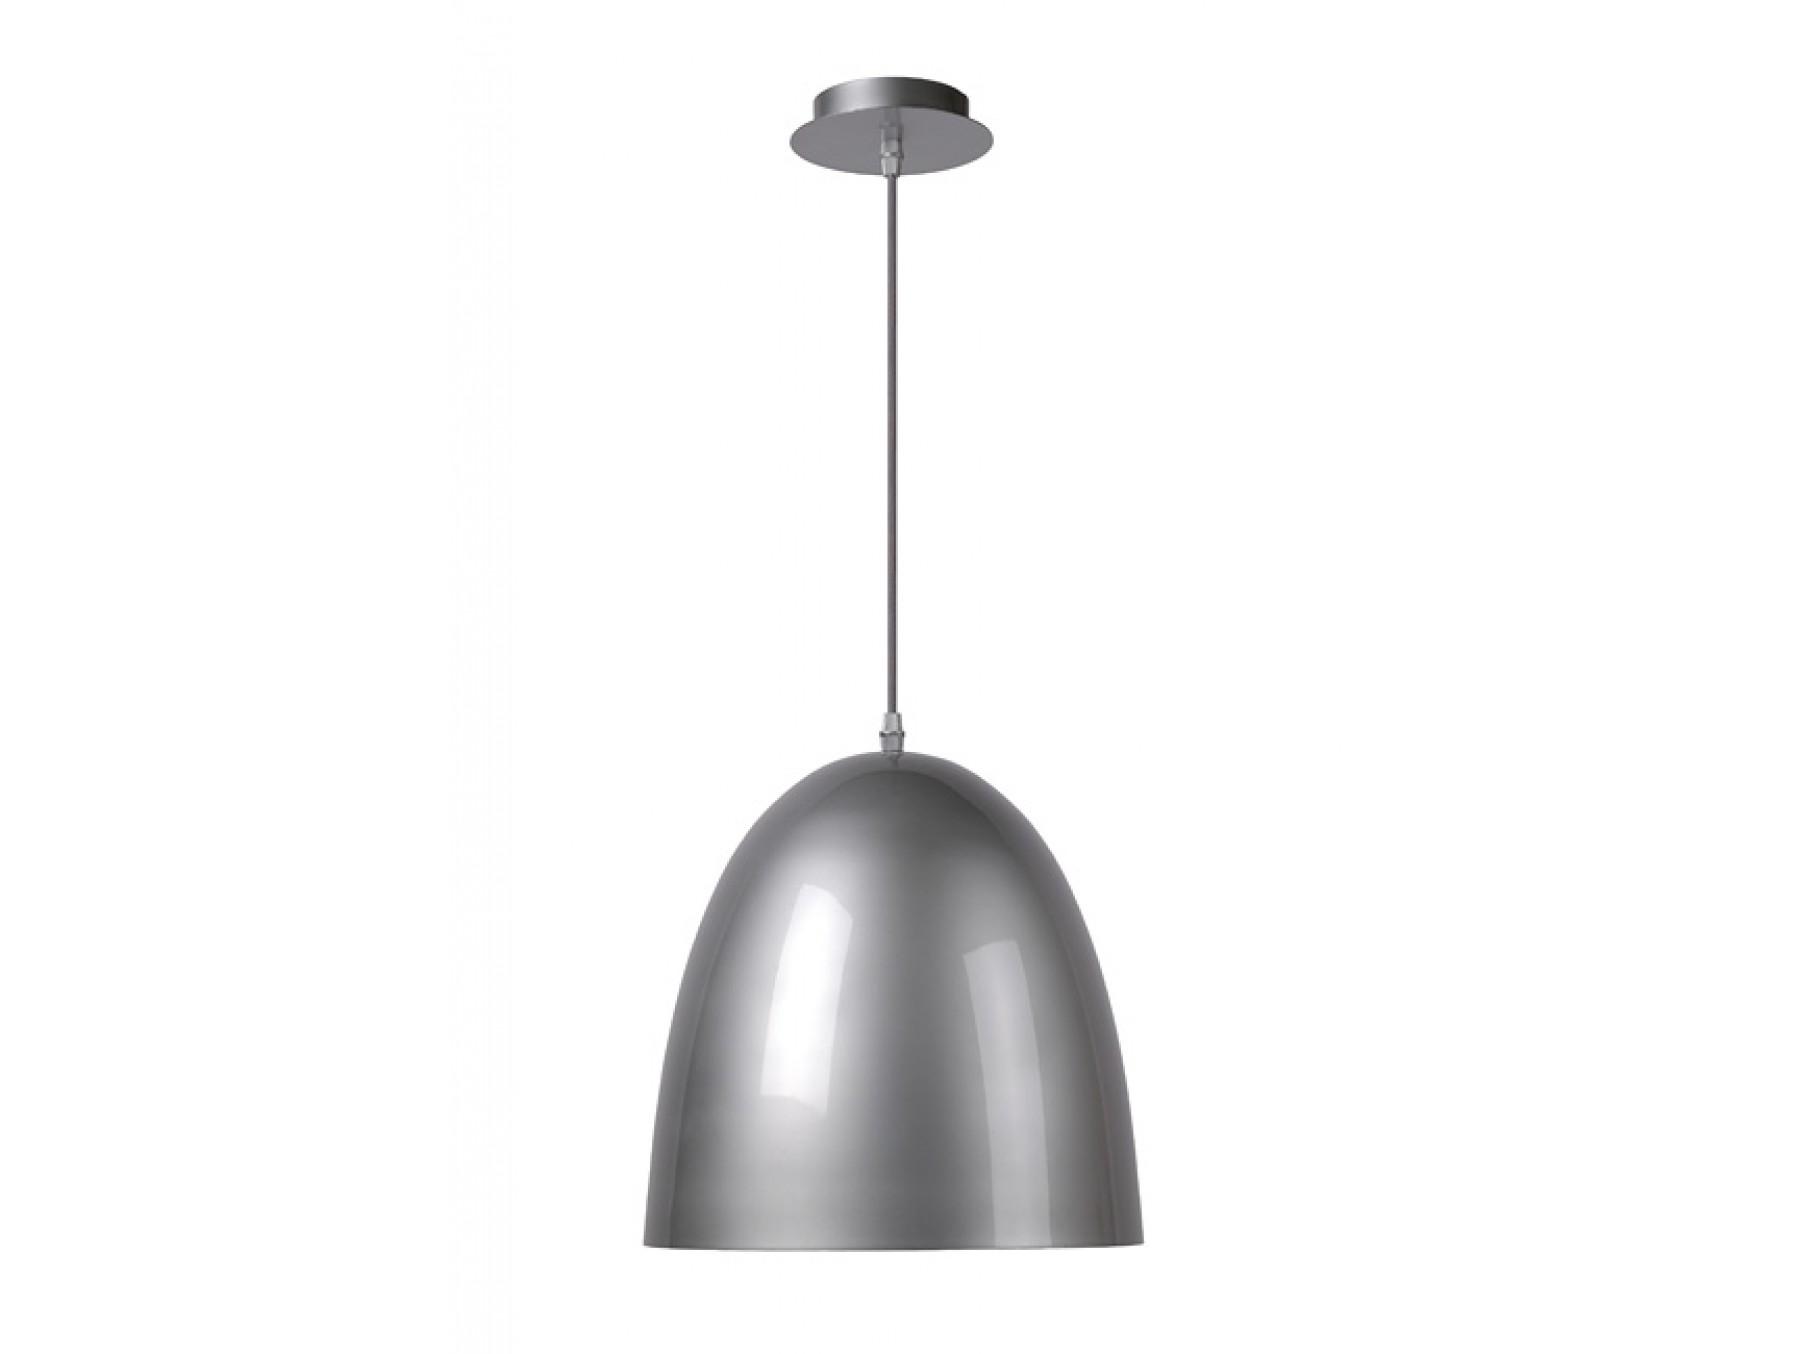 Подвесной светильник LOKOПодвесные светильники<br>основание: металл<br>плафон: металл/серый<br>диаметр: 30 см<br>высота: 120 см<br>Е27, 60W, 1 лампочка (в комплект не входит)<br><br>Material: Металл<br>Height см: 120<br>Diameter см: 30